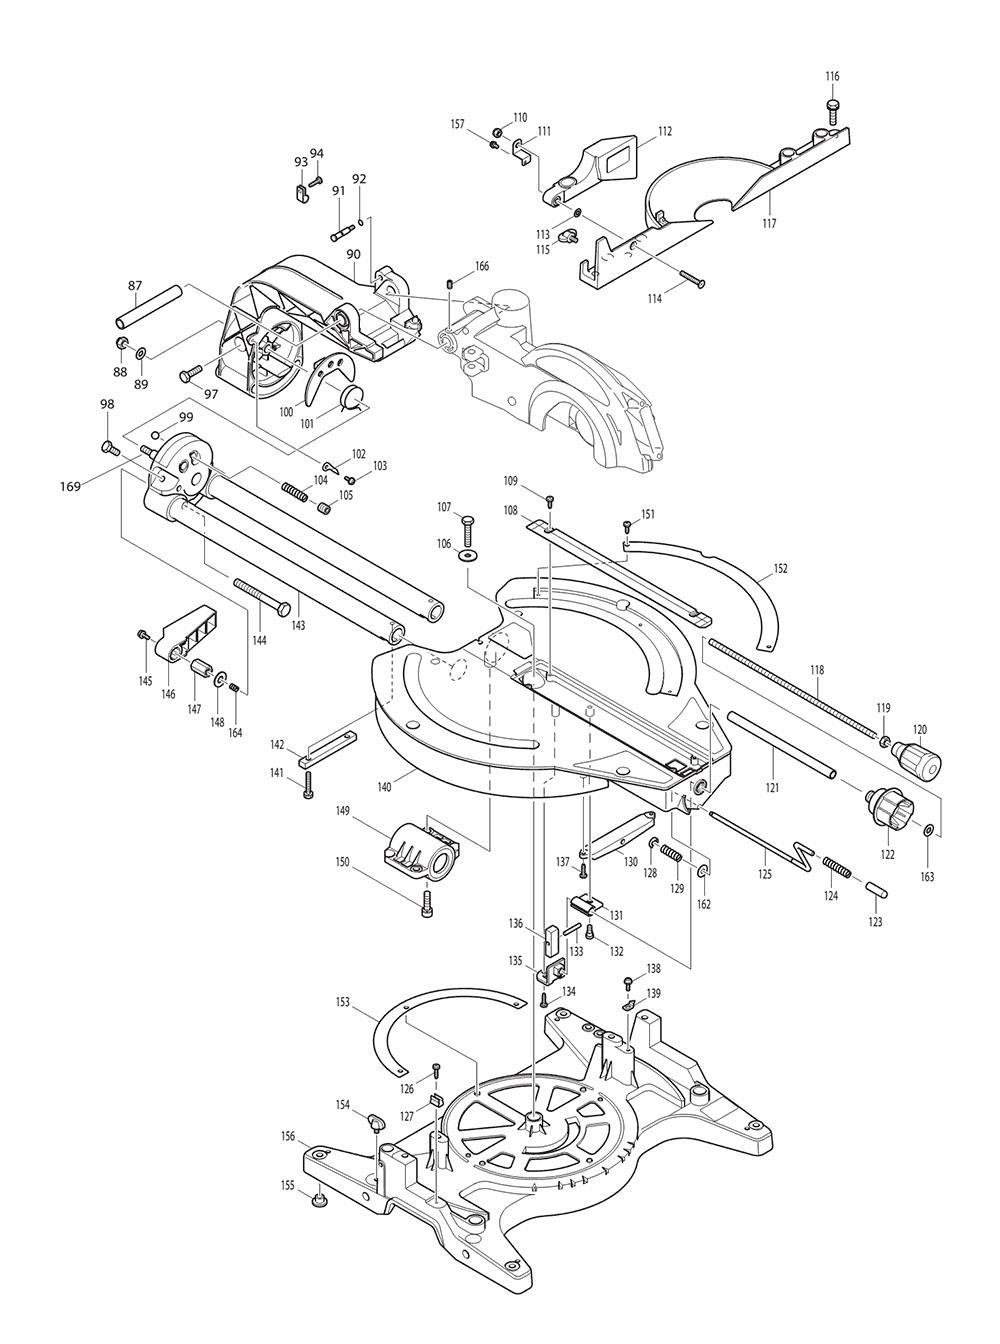 LS1013-T1-Makita-PB-1Break Down